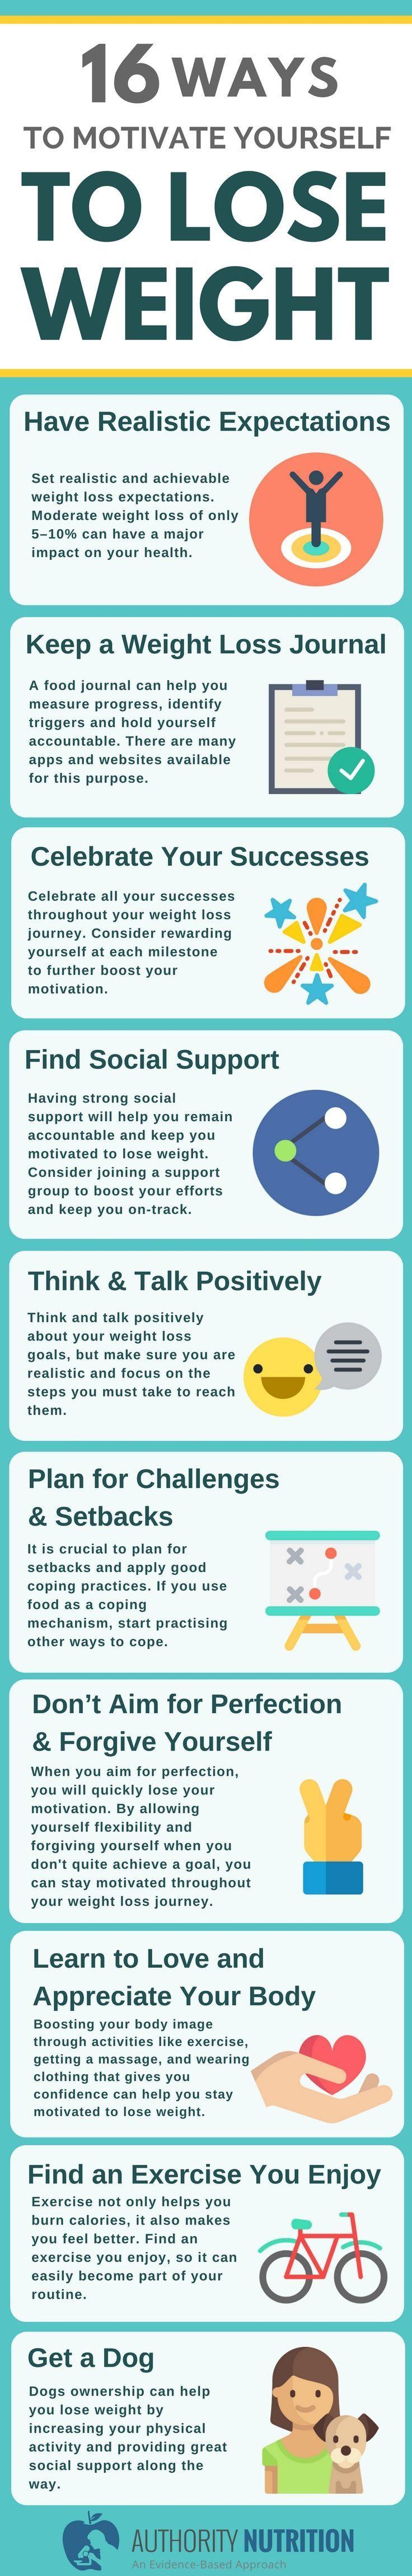 Steve Jobs Leadership Skills Breakdown - How To Motivate ...